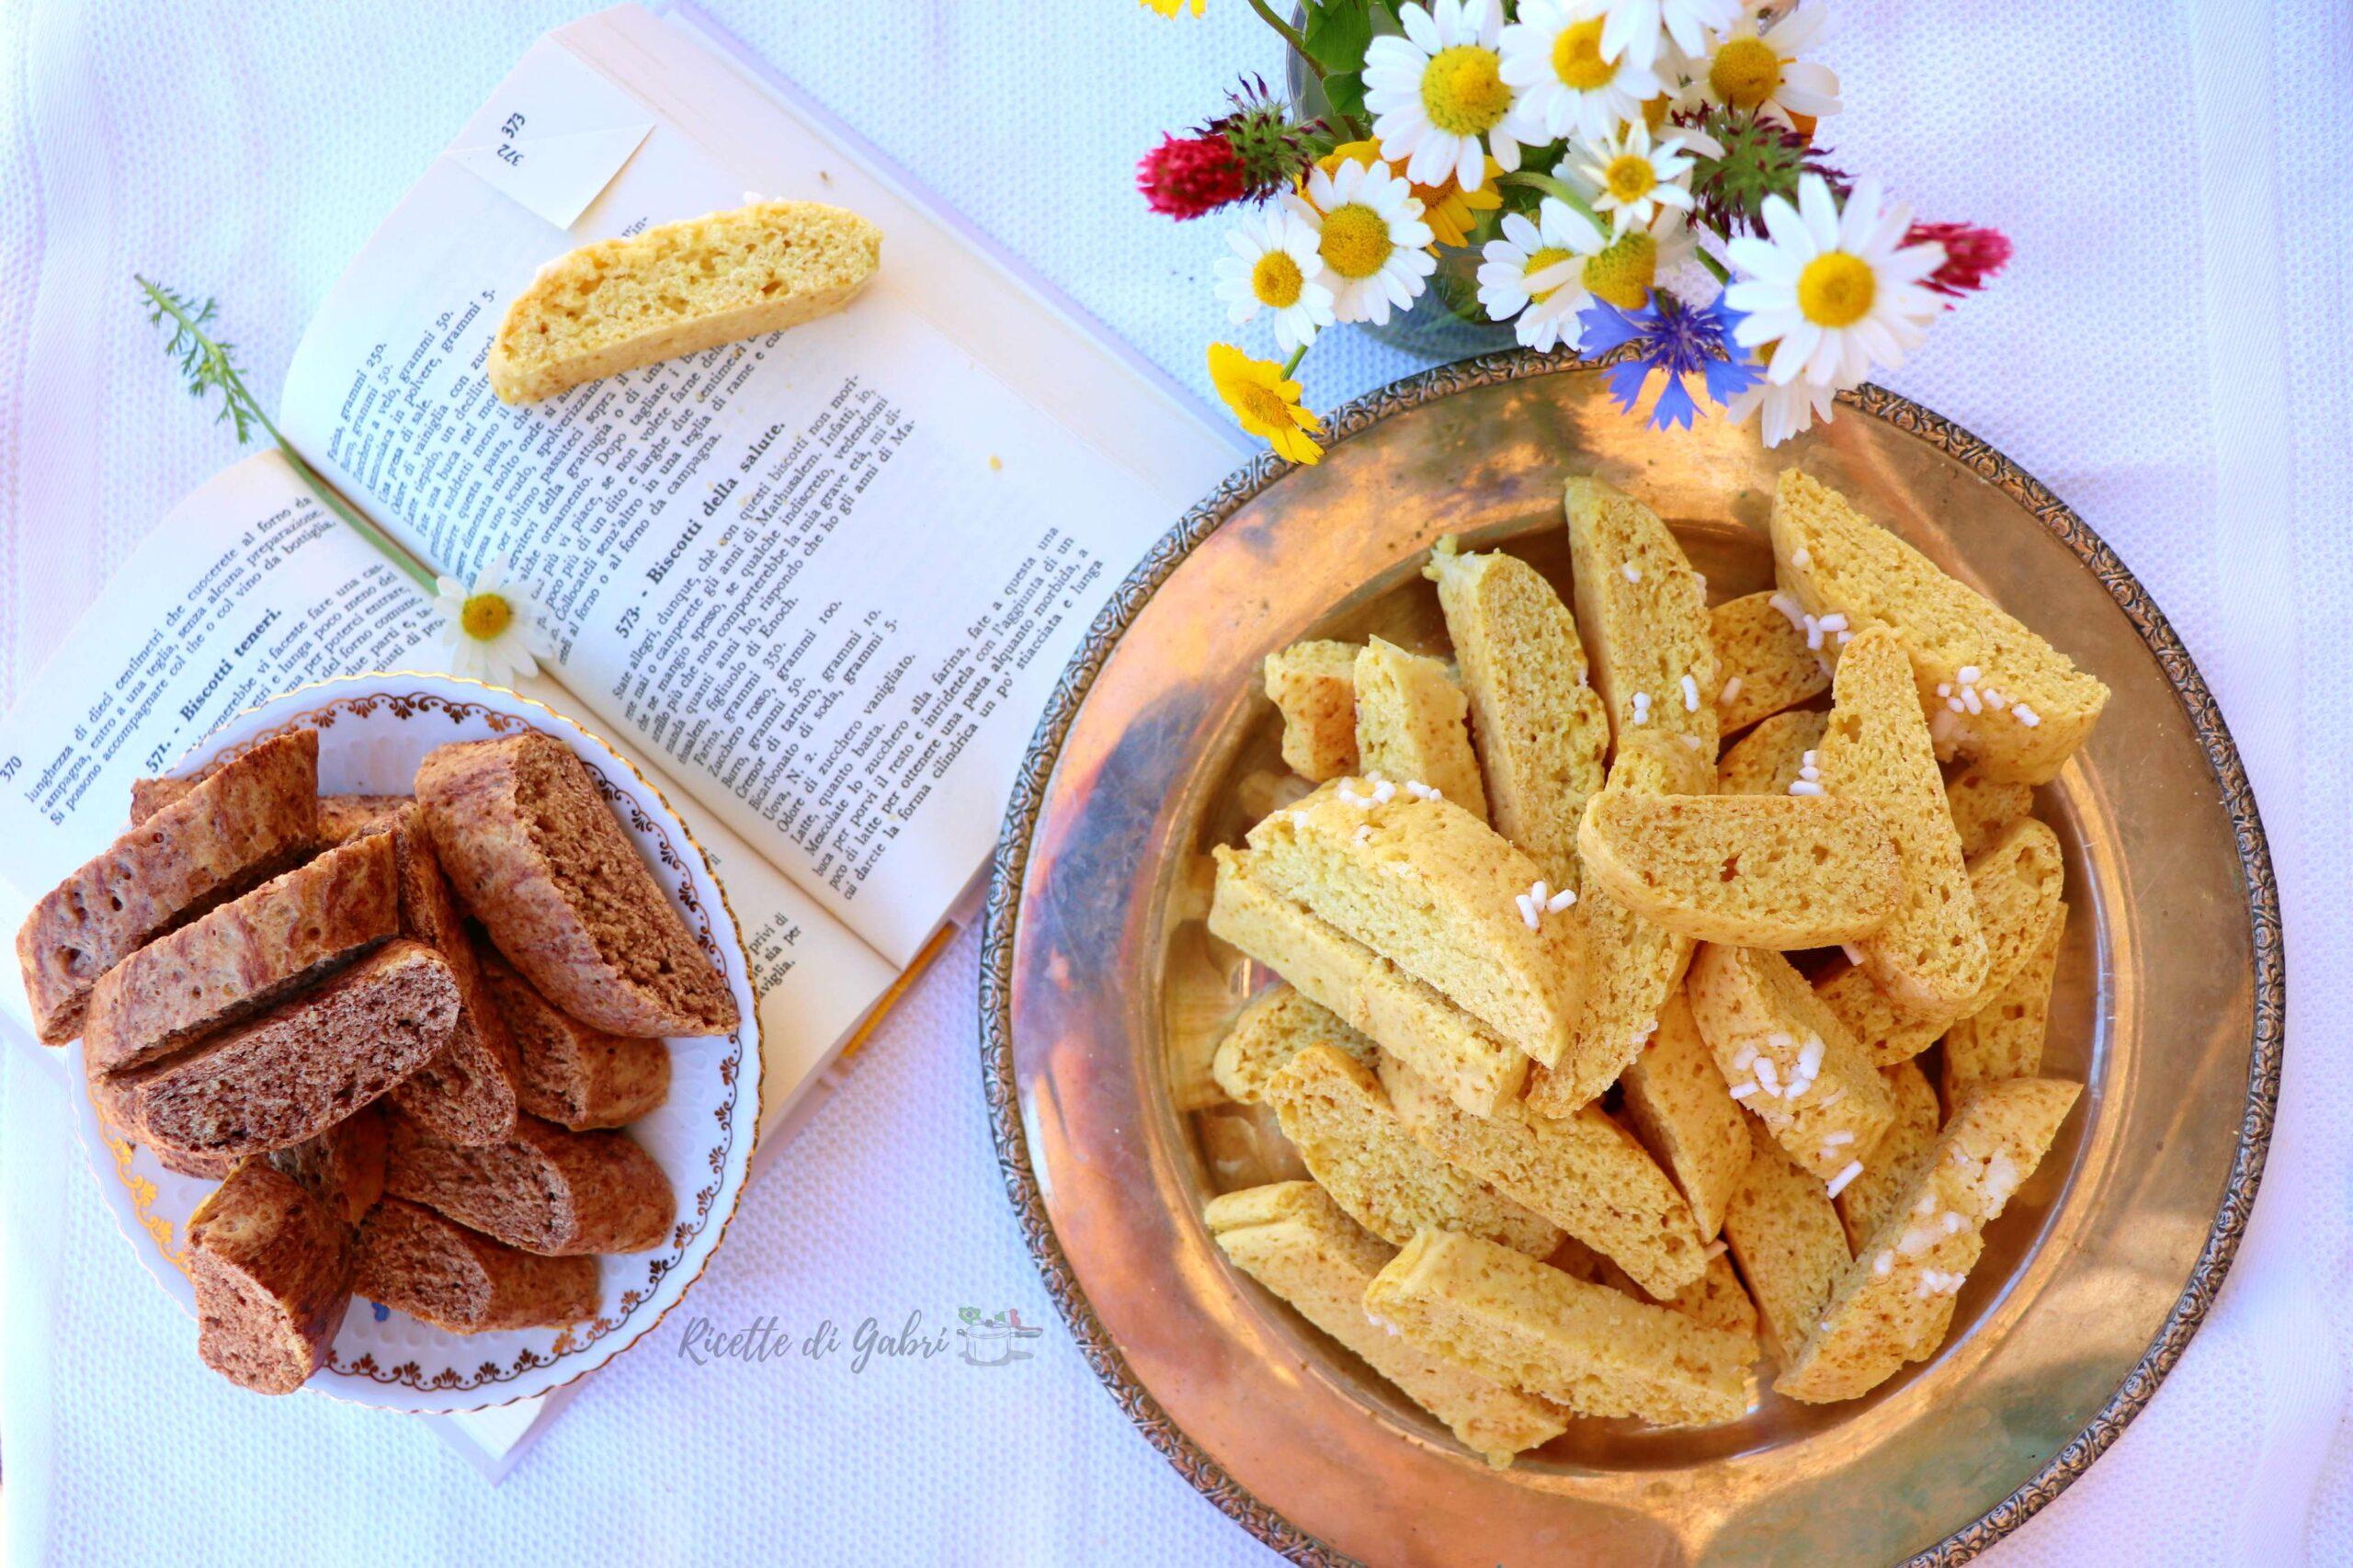 biscotti della salute di pellegrino artusi ricetta facile veloce tozzetti cantucci di gabri